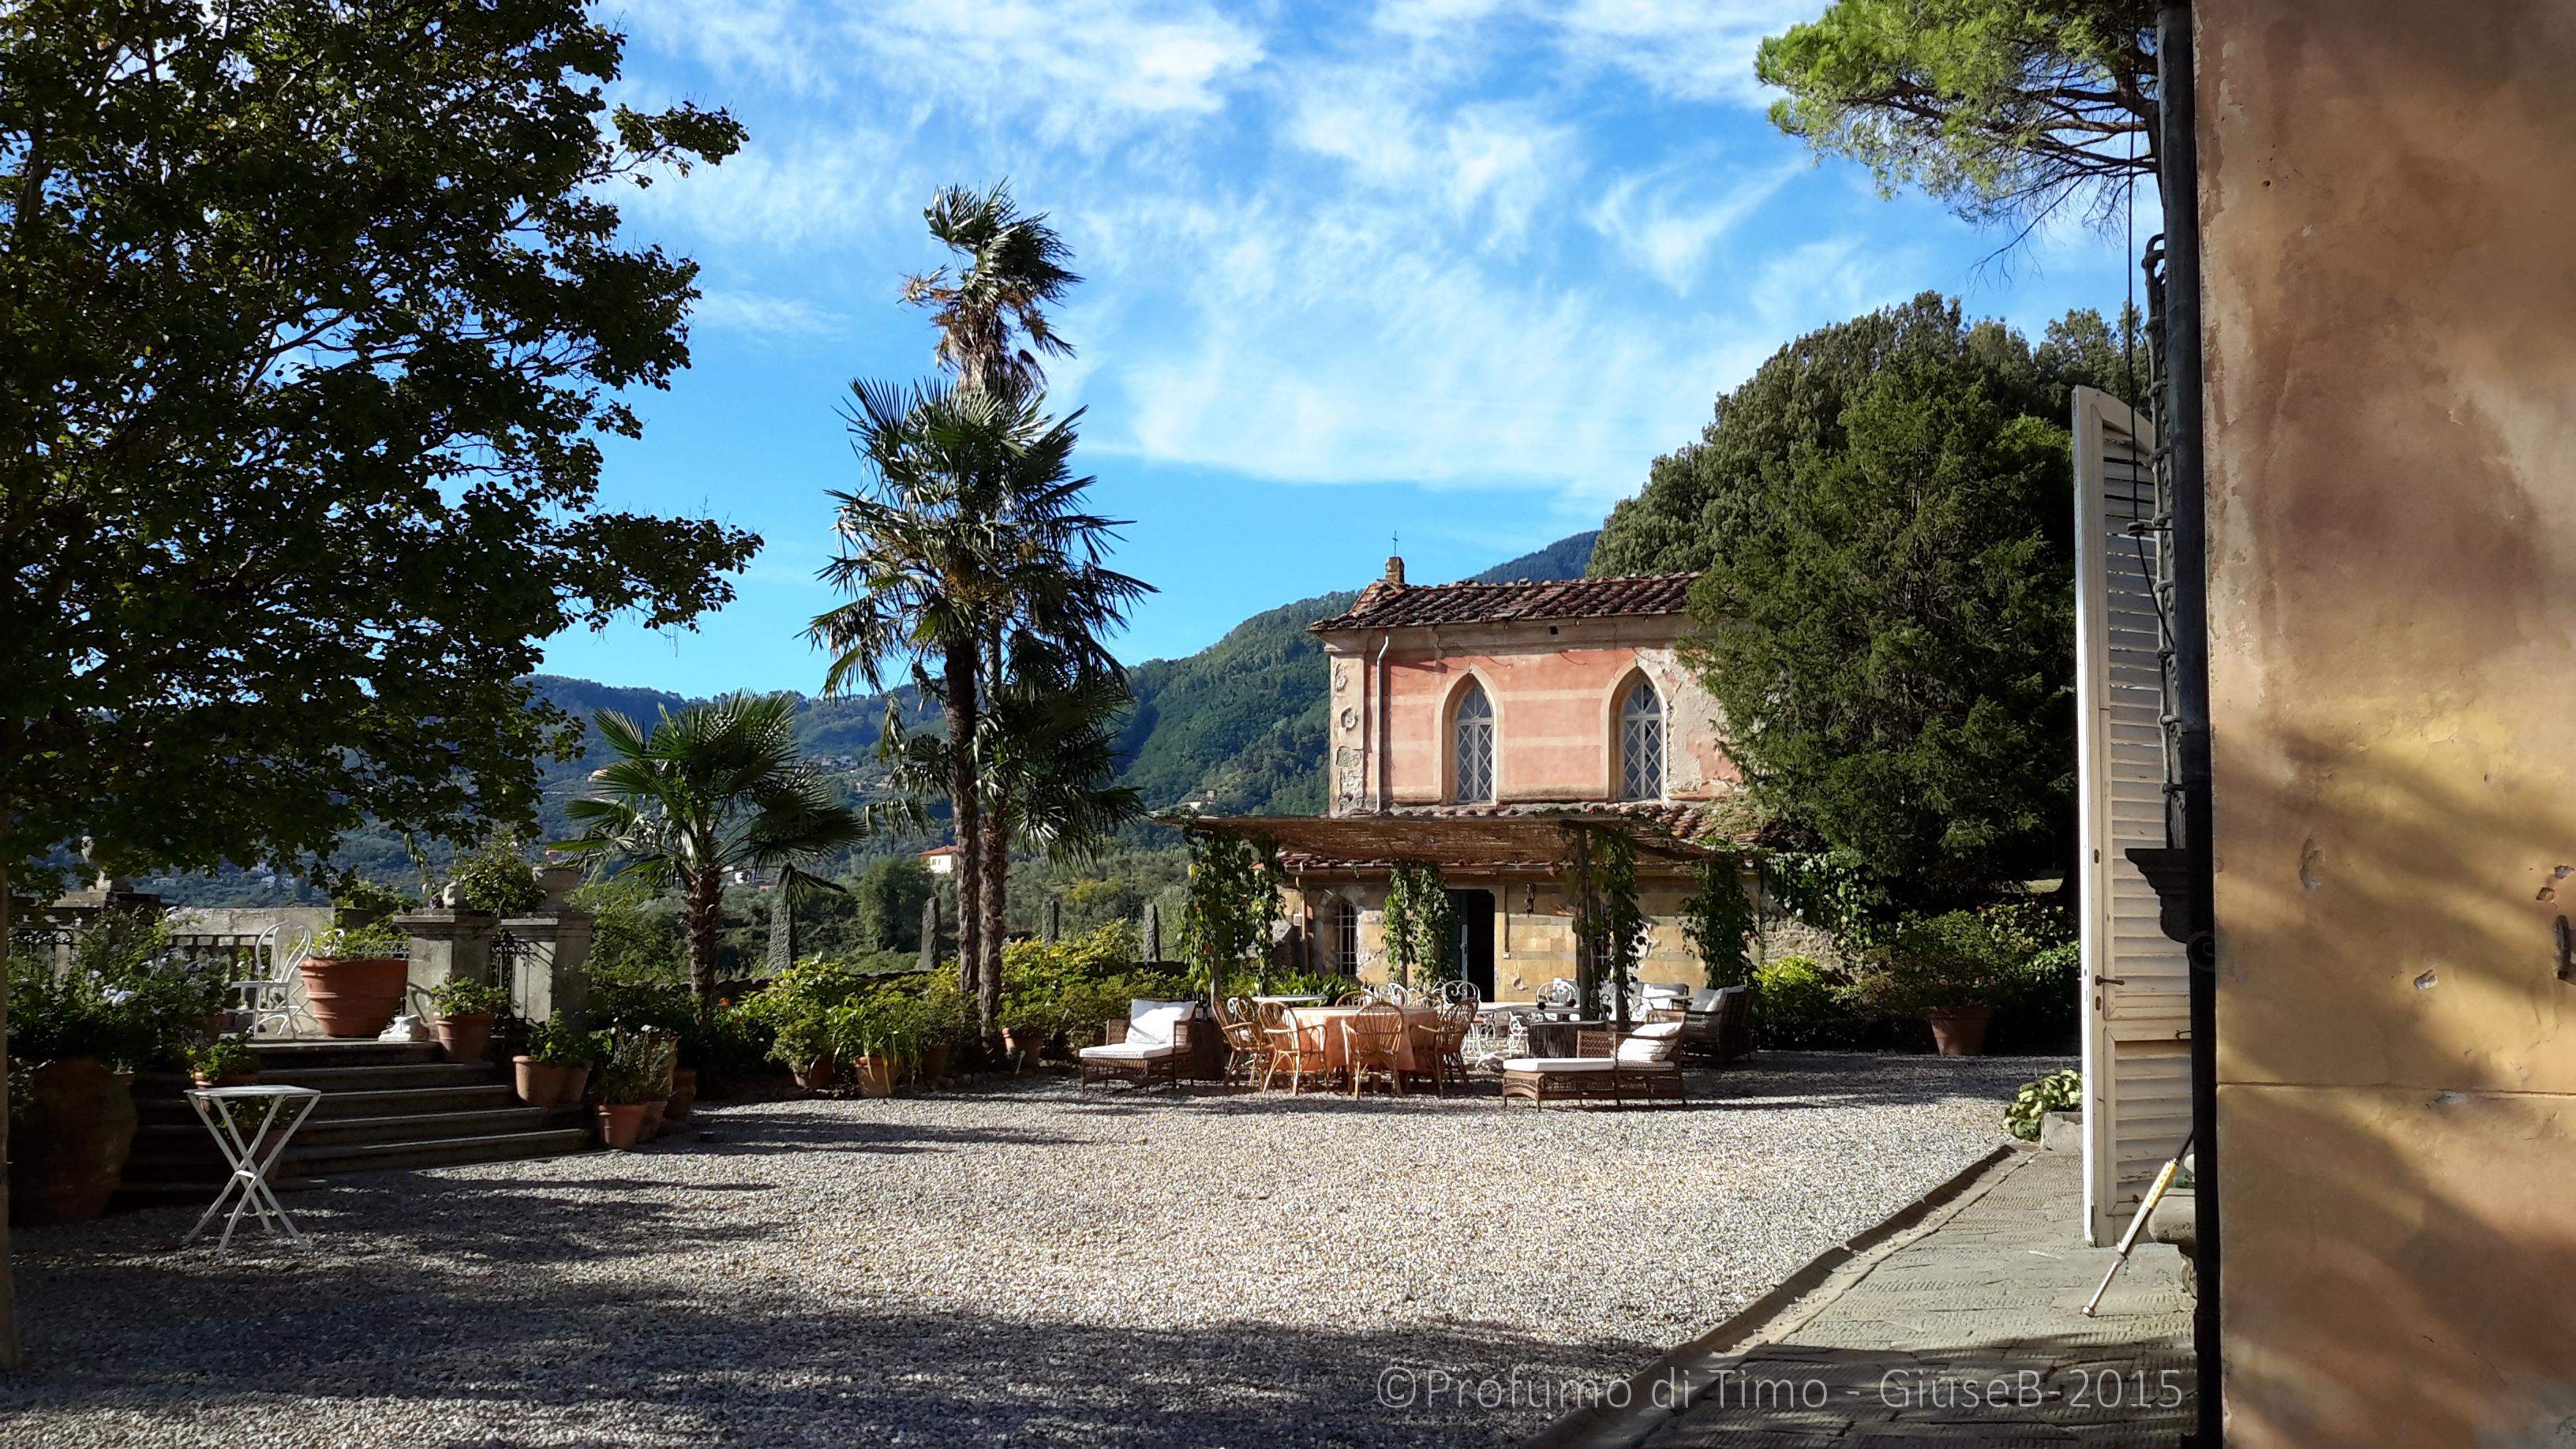 Vendemmia 2015 a Valgiano la Villa giardino